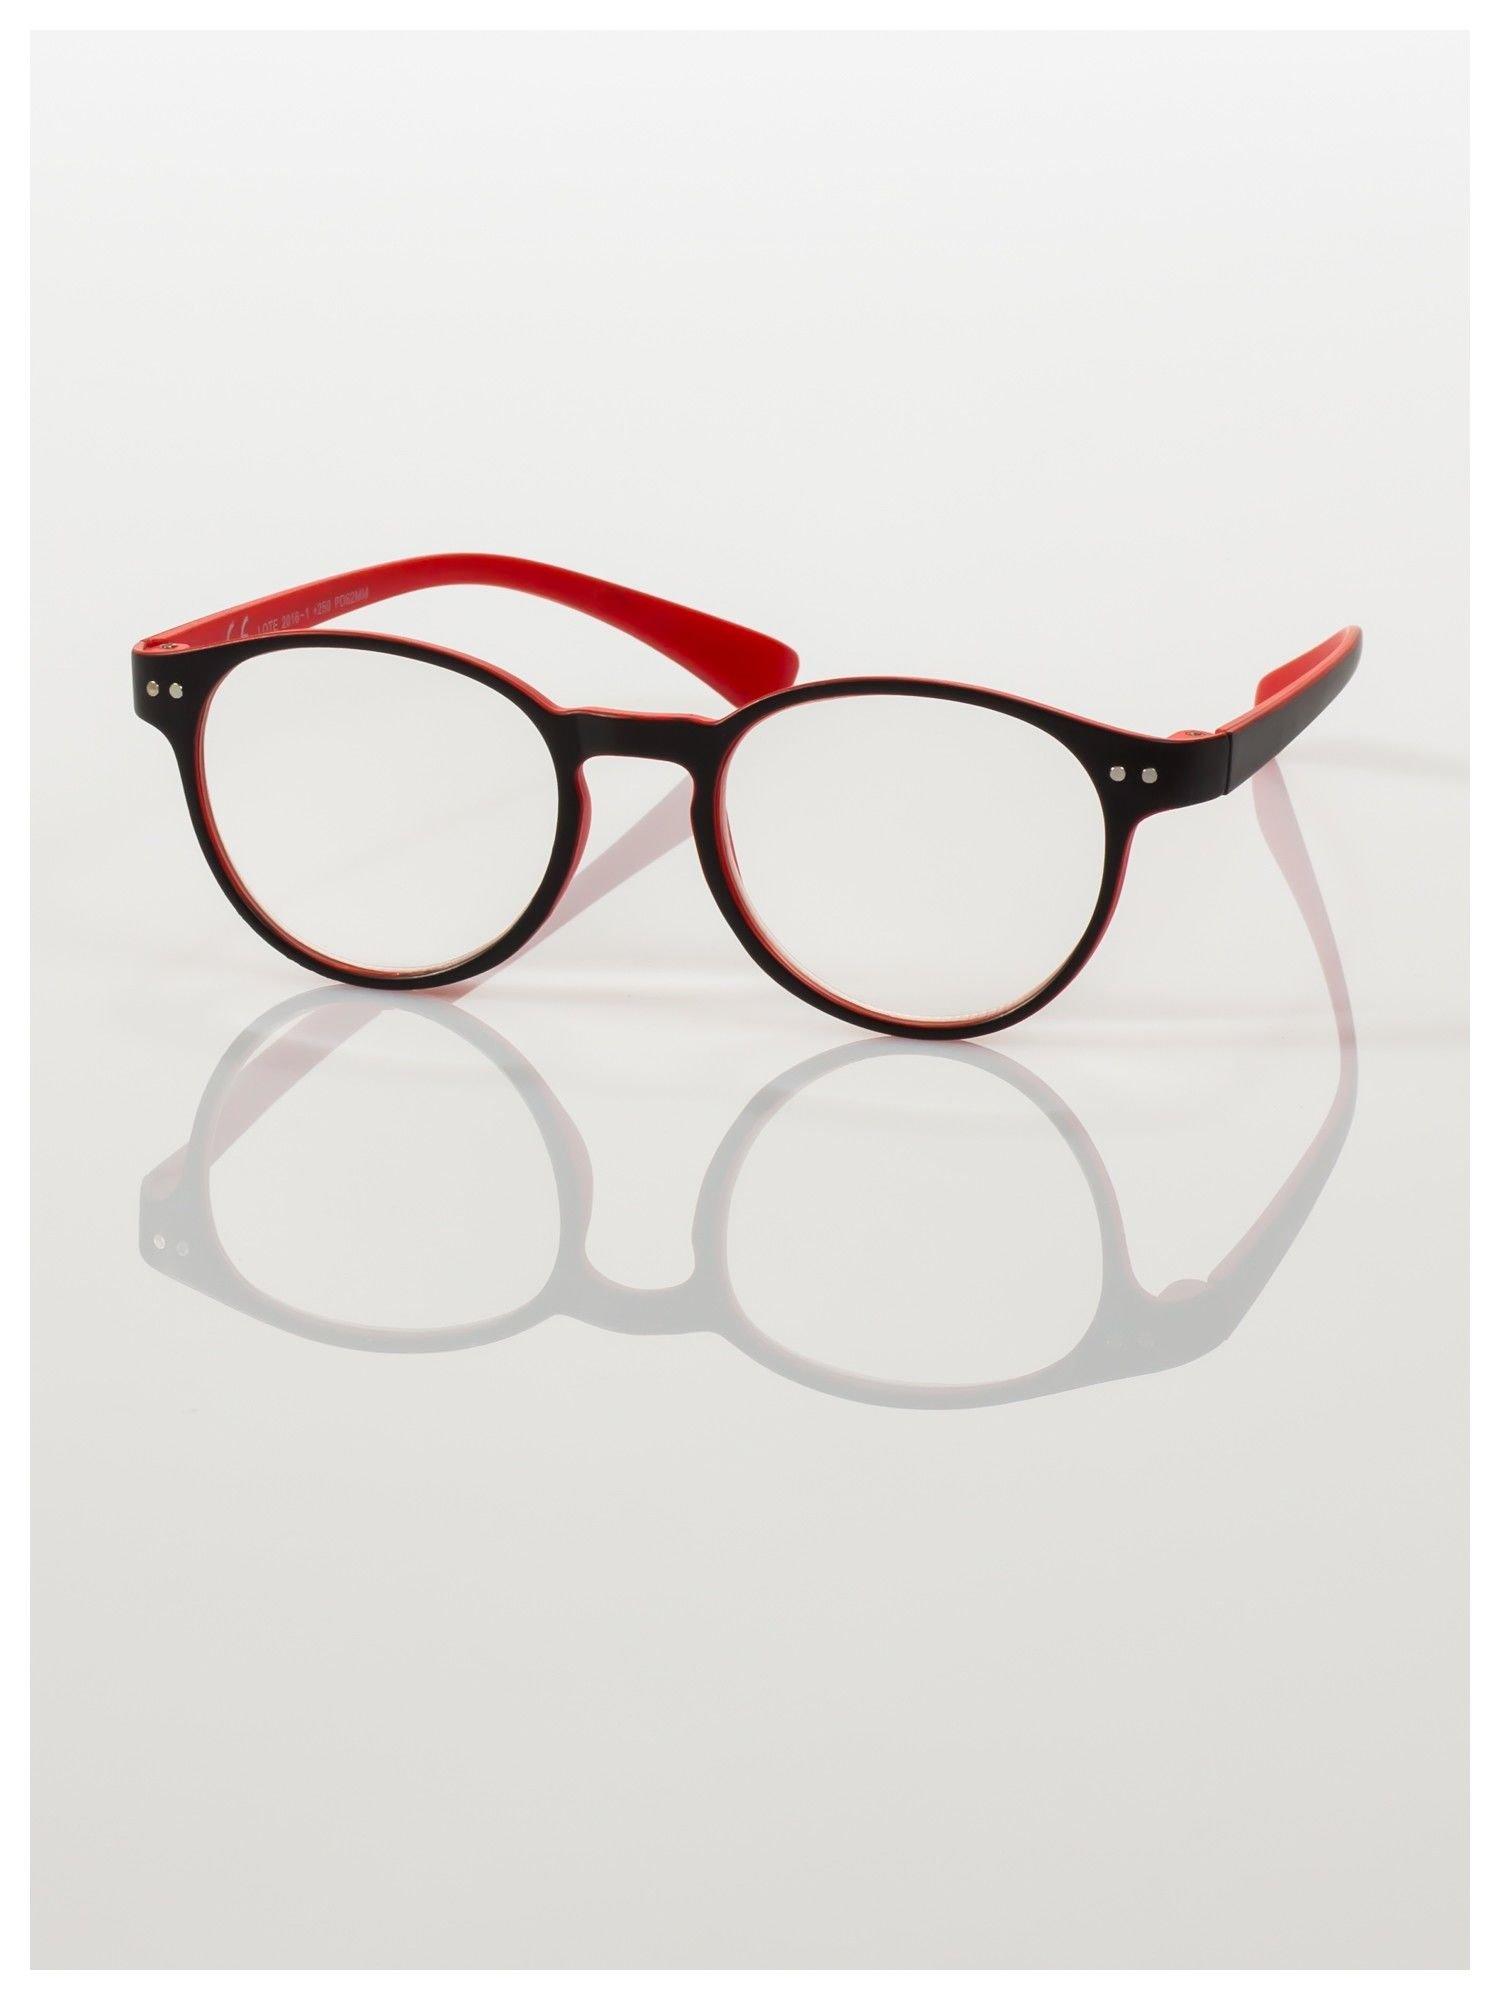 Okulary korekcyjne  +4.0 D dwukolorowe ,do czytania, stylizowane na RAY BAN +GRATIS PLASTIKOWE ETUI I ŚCIERECZKA Z MIKROFIBRY                                  zdj.                                  2